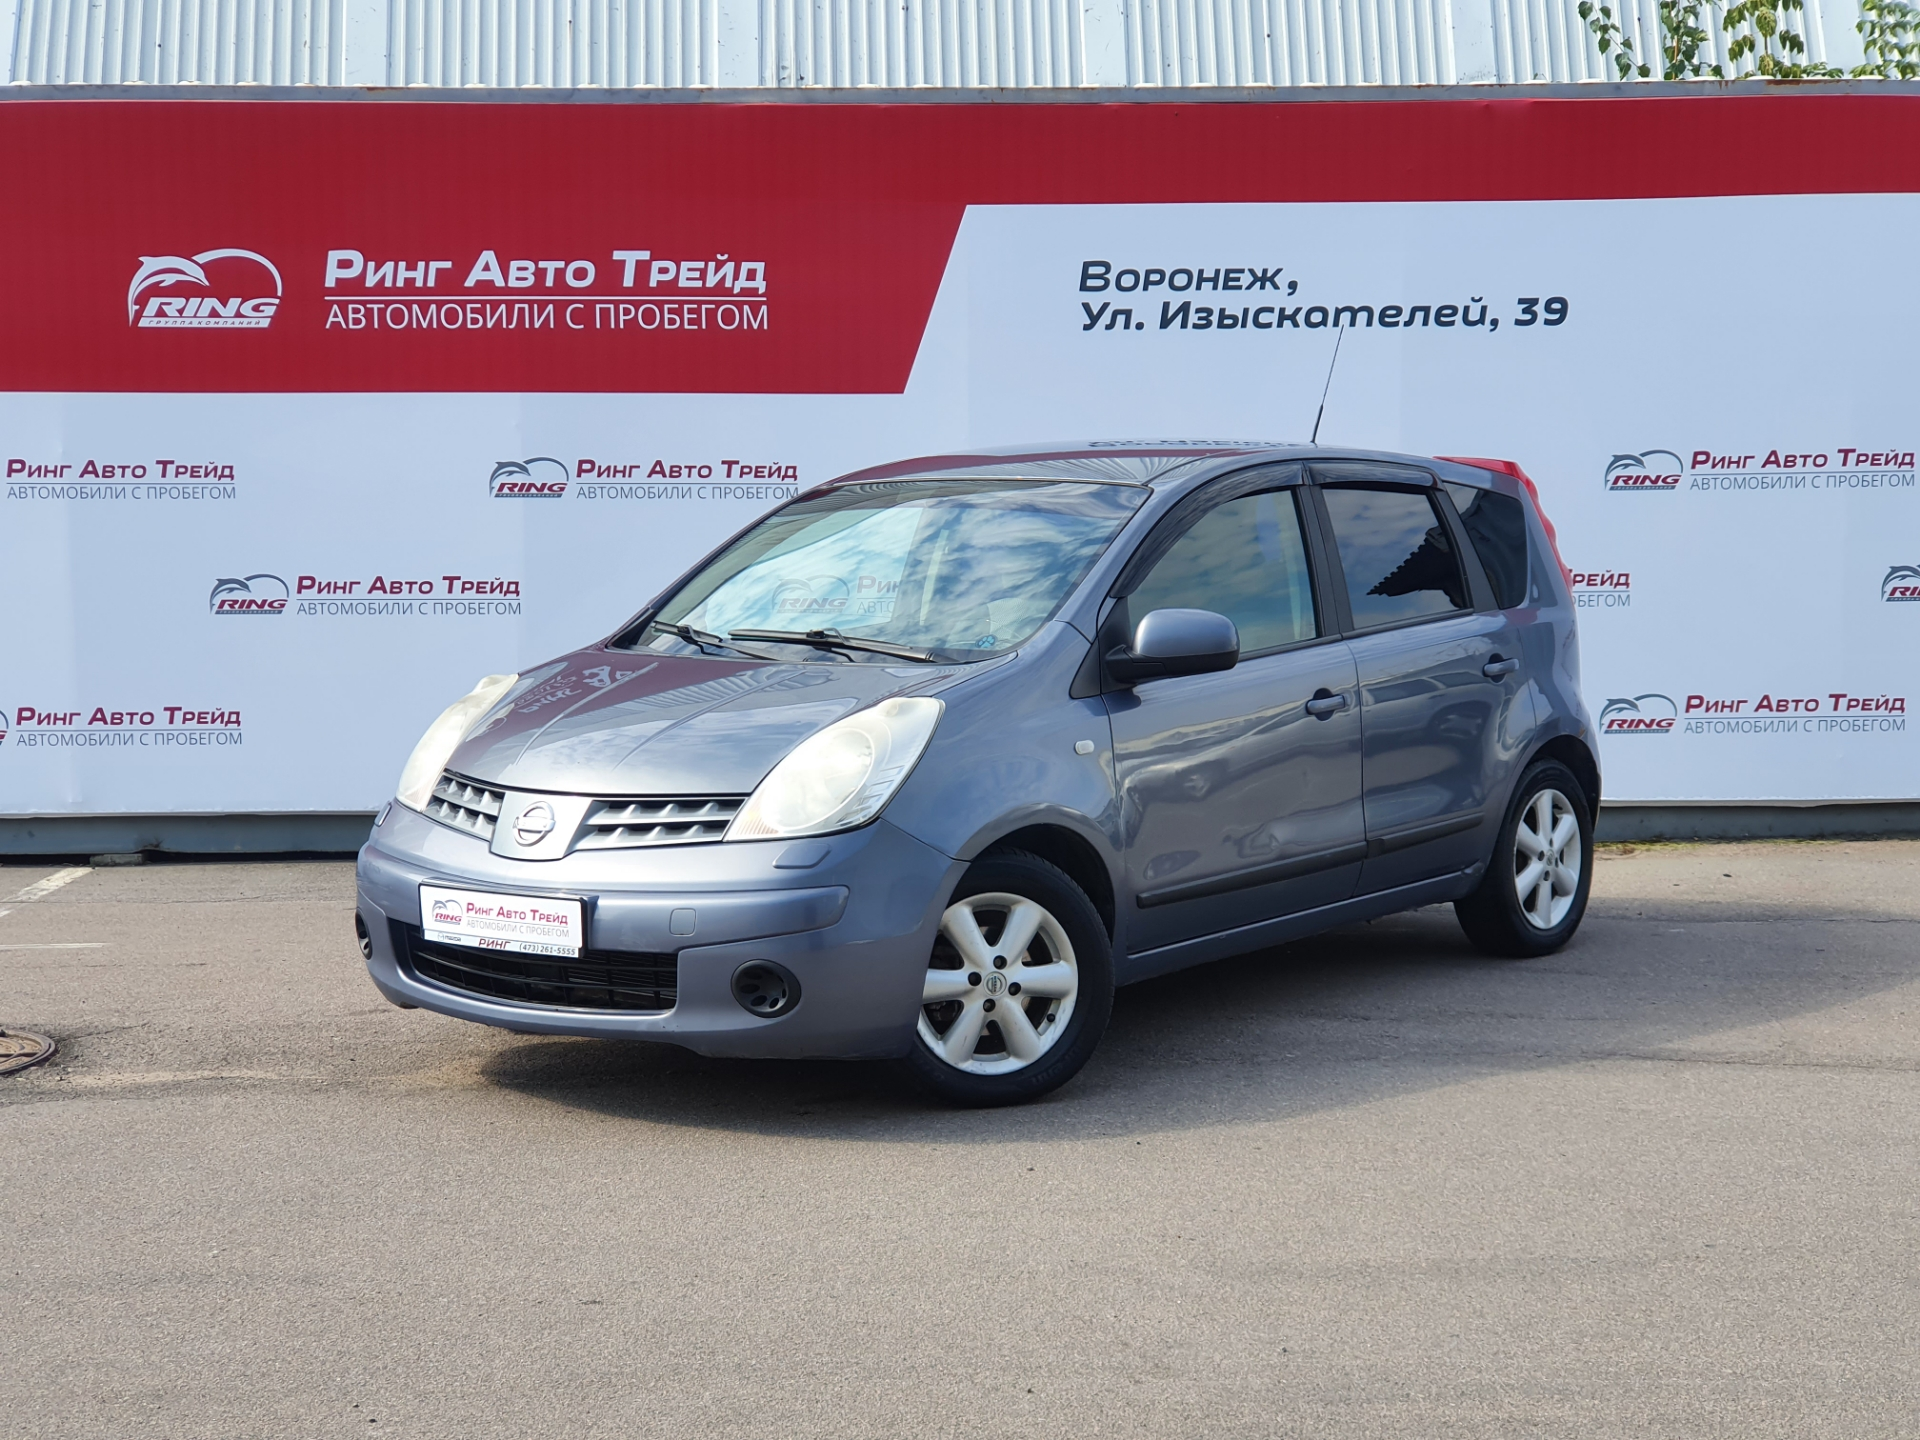 Nissan Note Хэтчбек (2007г.)